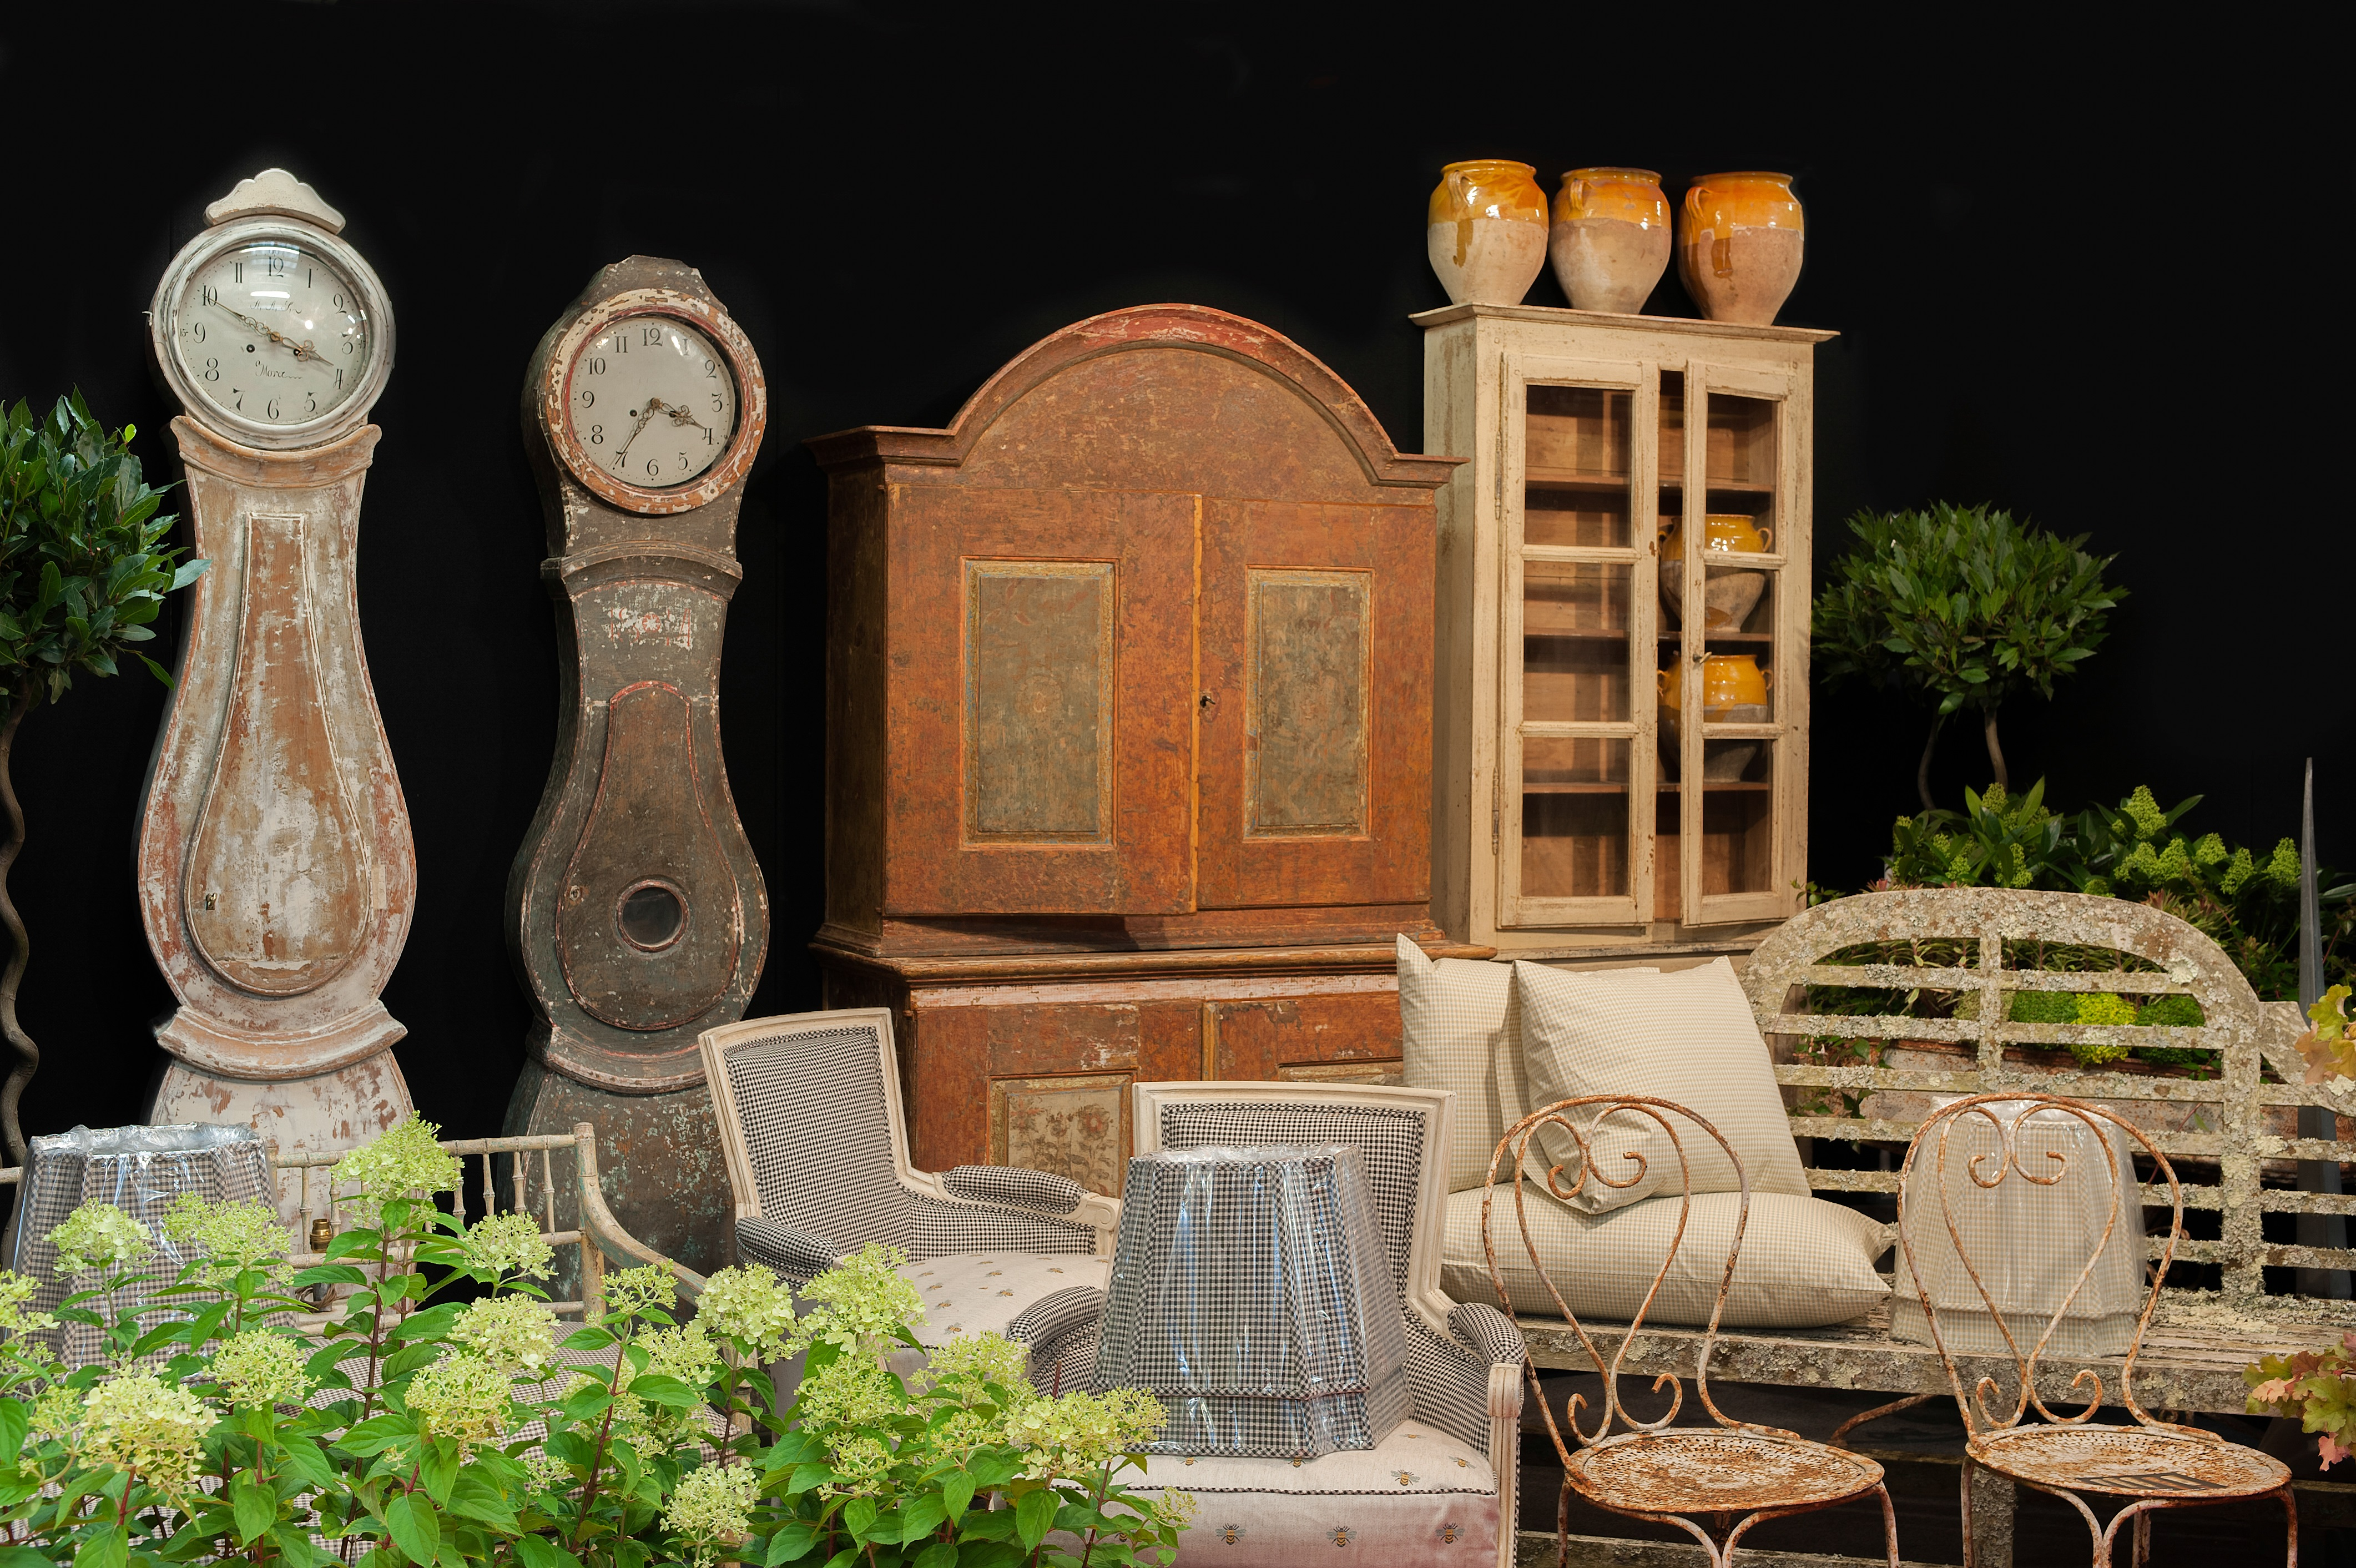 Bath Decorative Fair - Style Up Spring